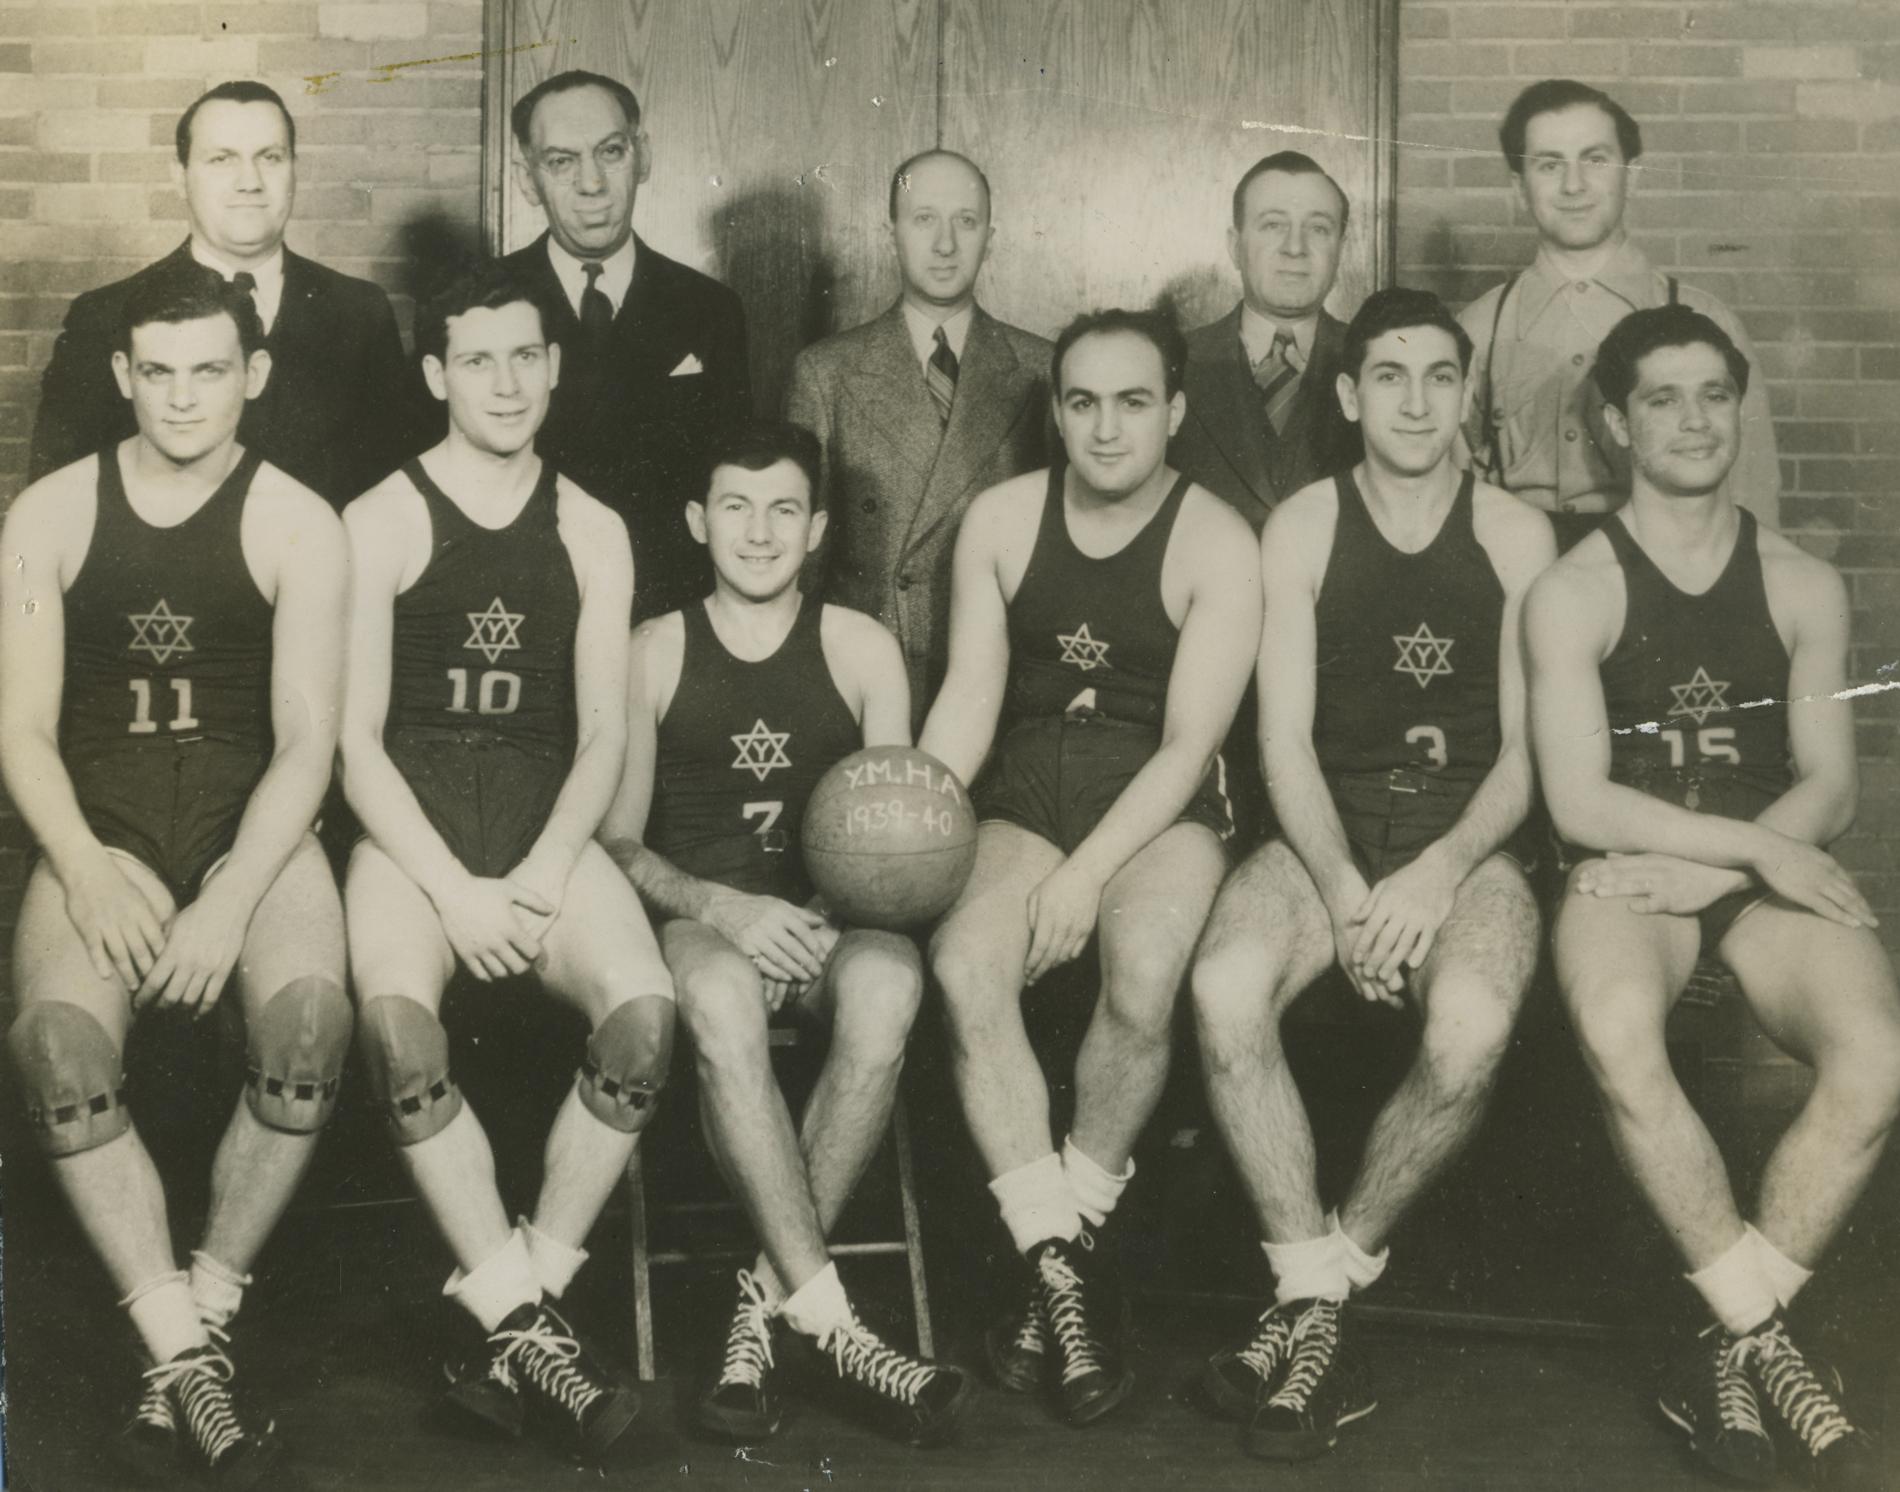 1935 image